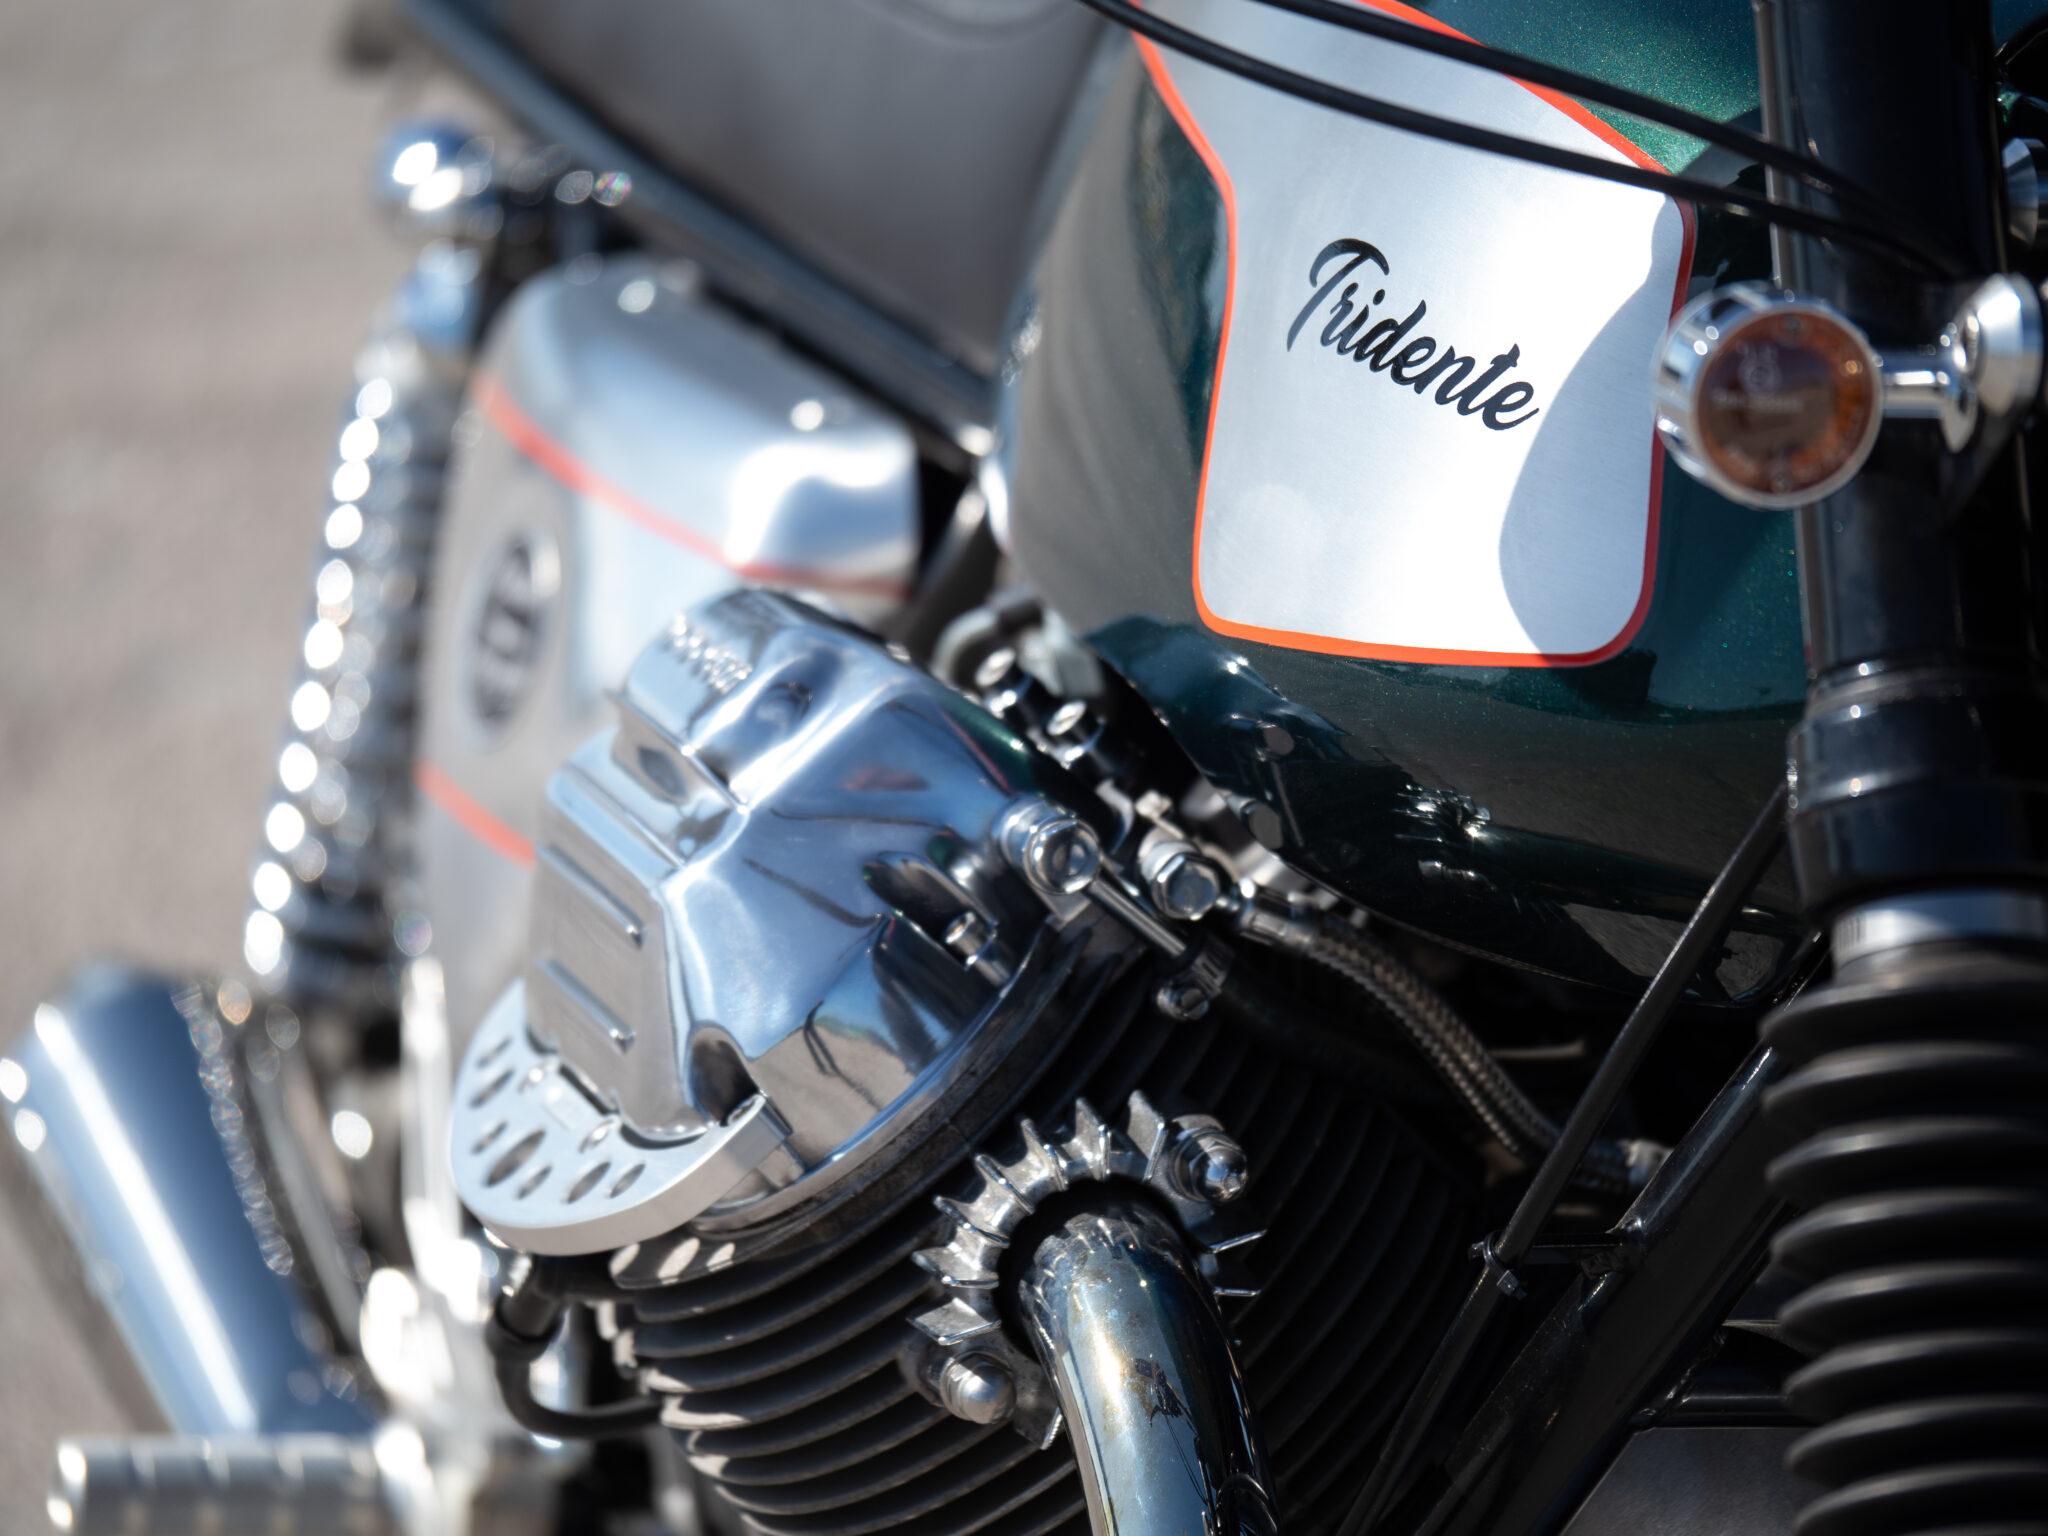 Closeup of the SP1000 Tridente